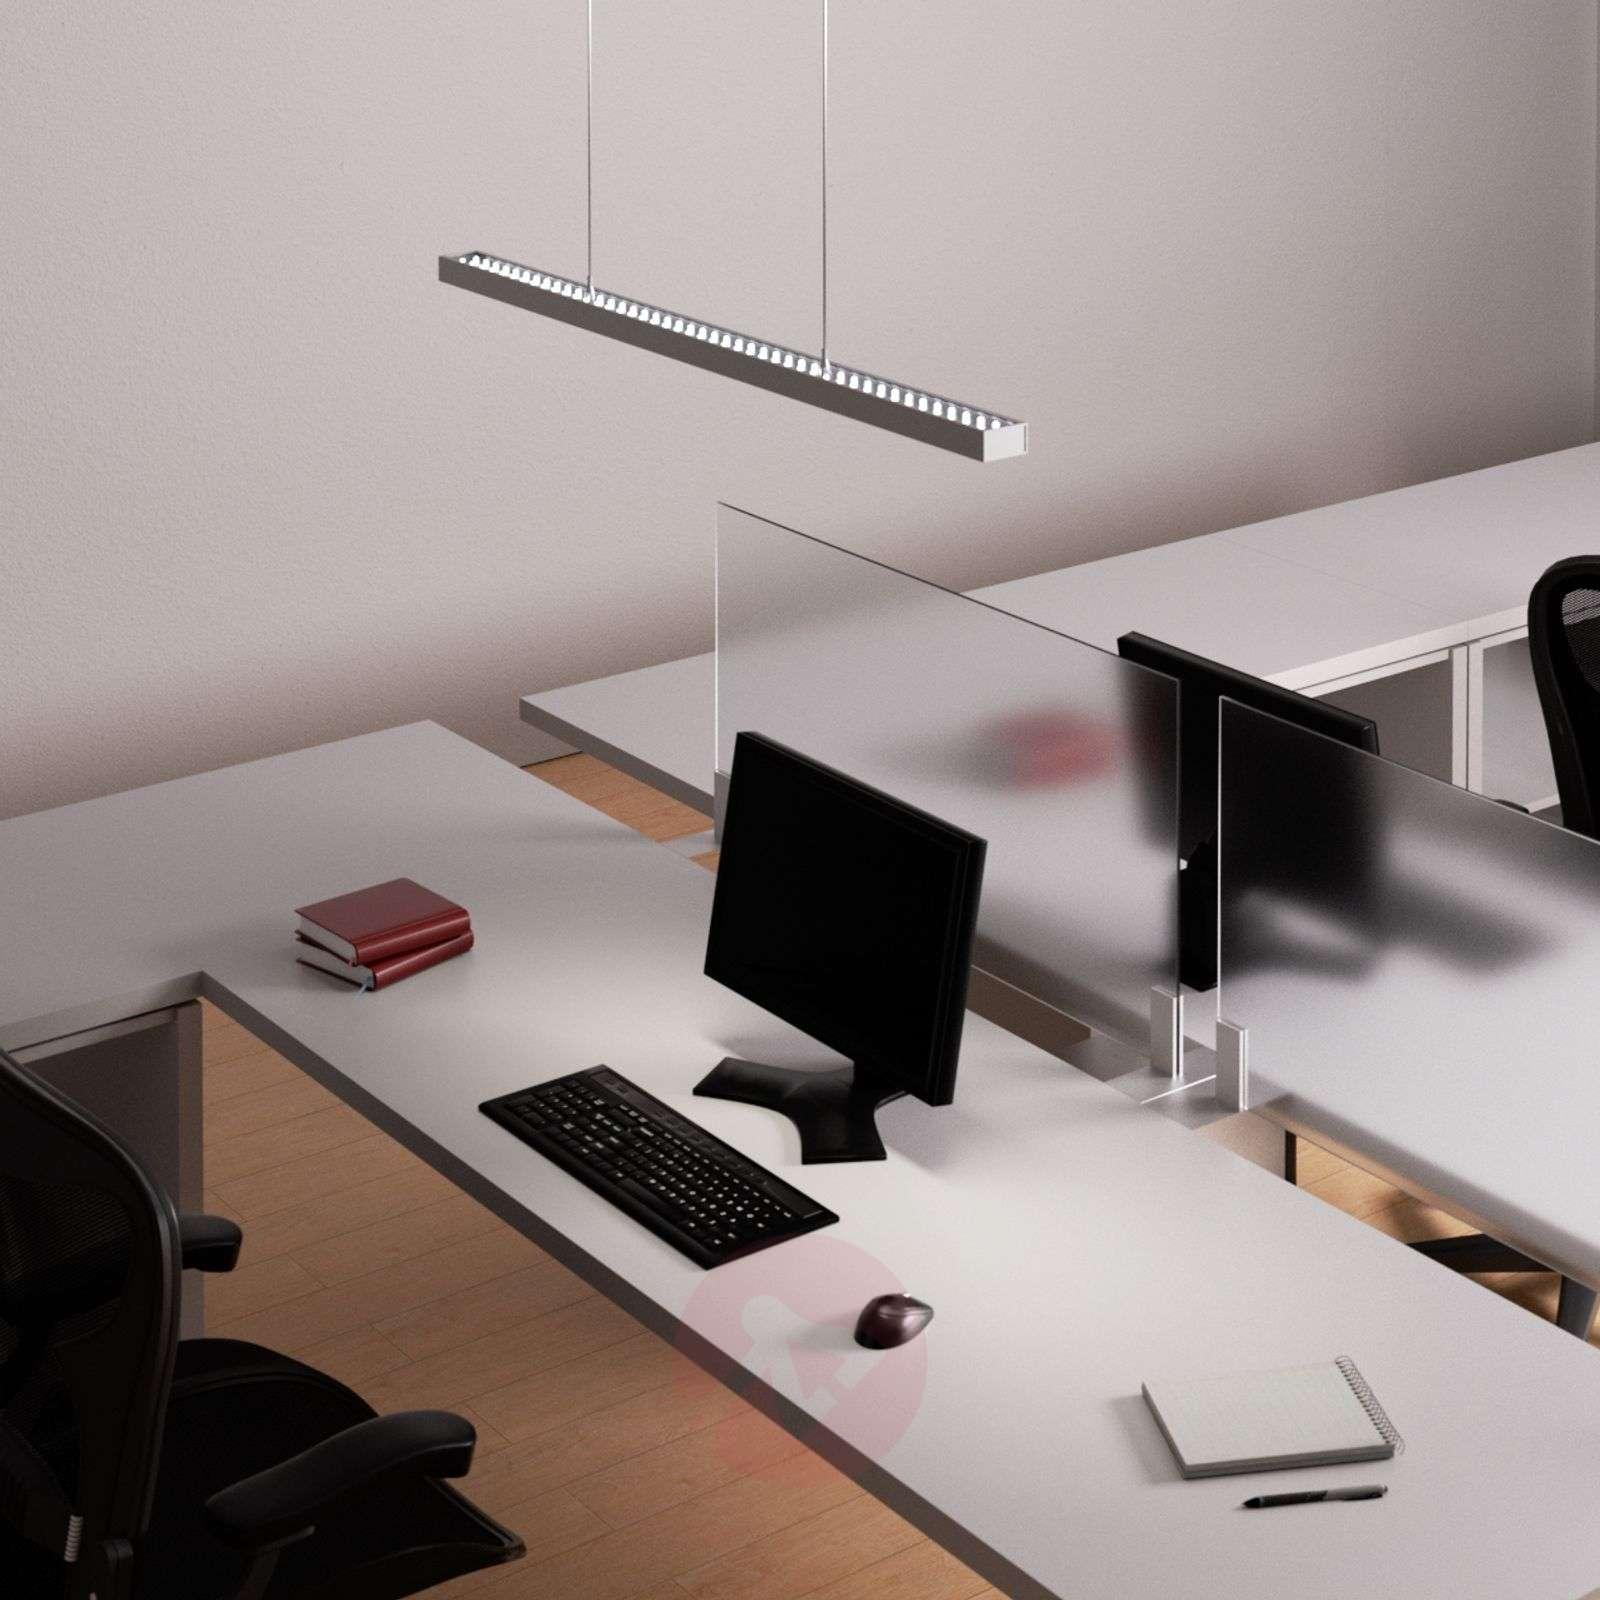 Himmennettävä LED-riippuvalaisin Jolinda toimisto-9968027-01